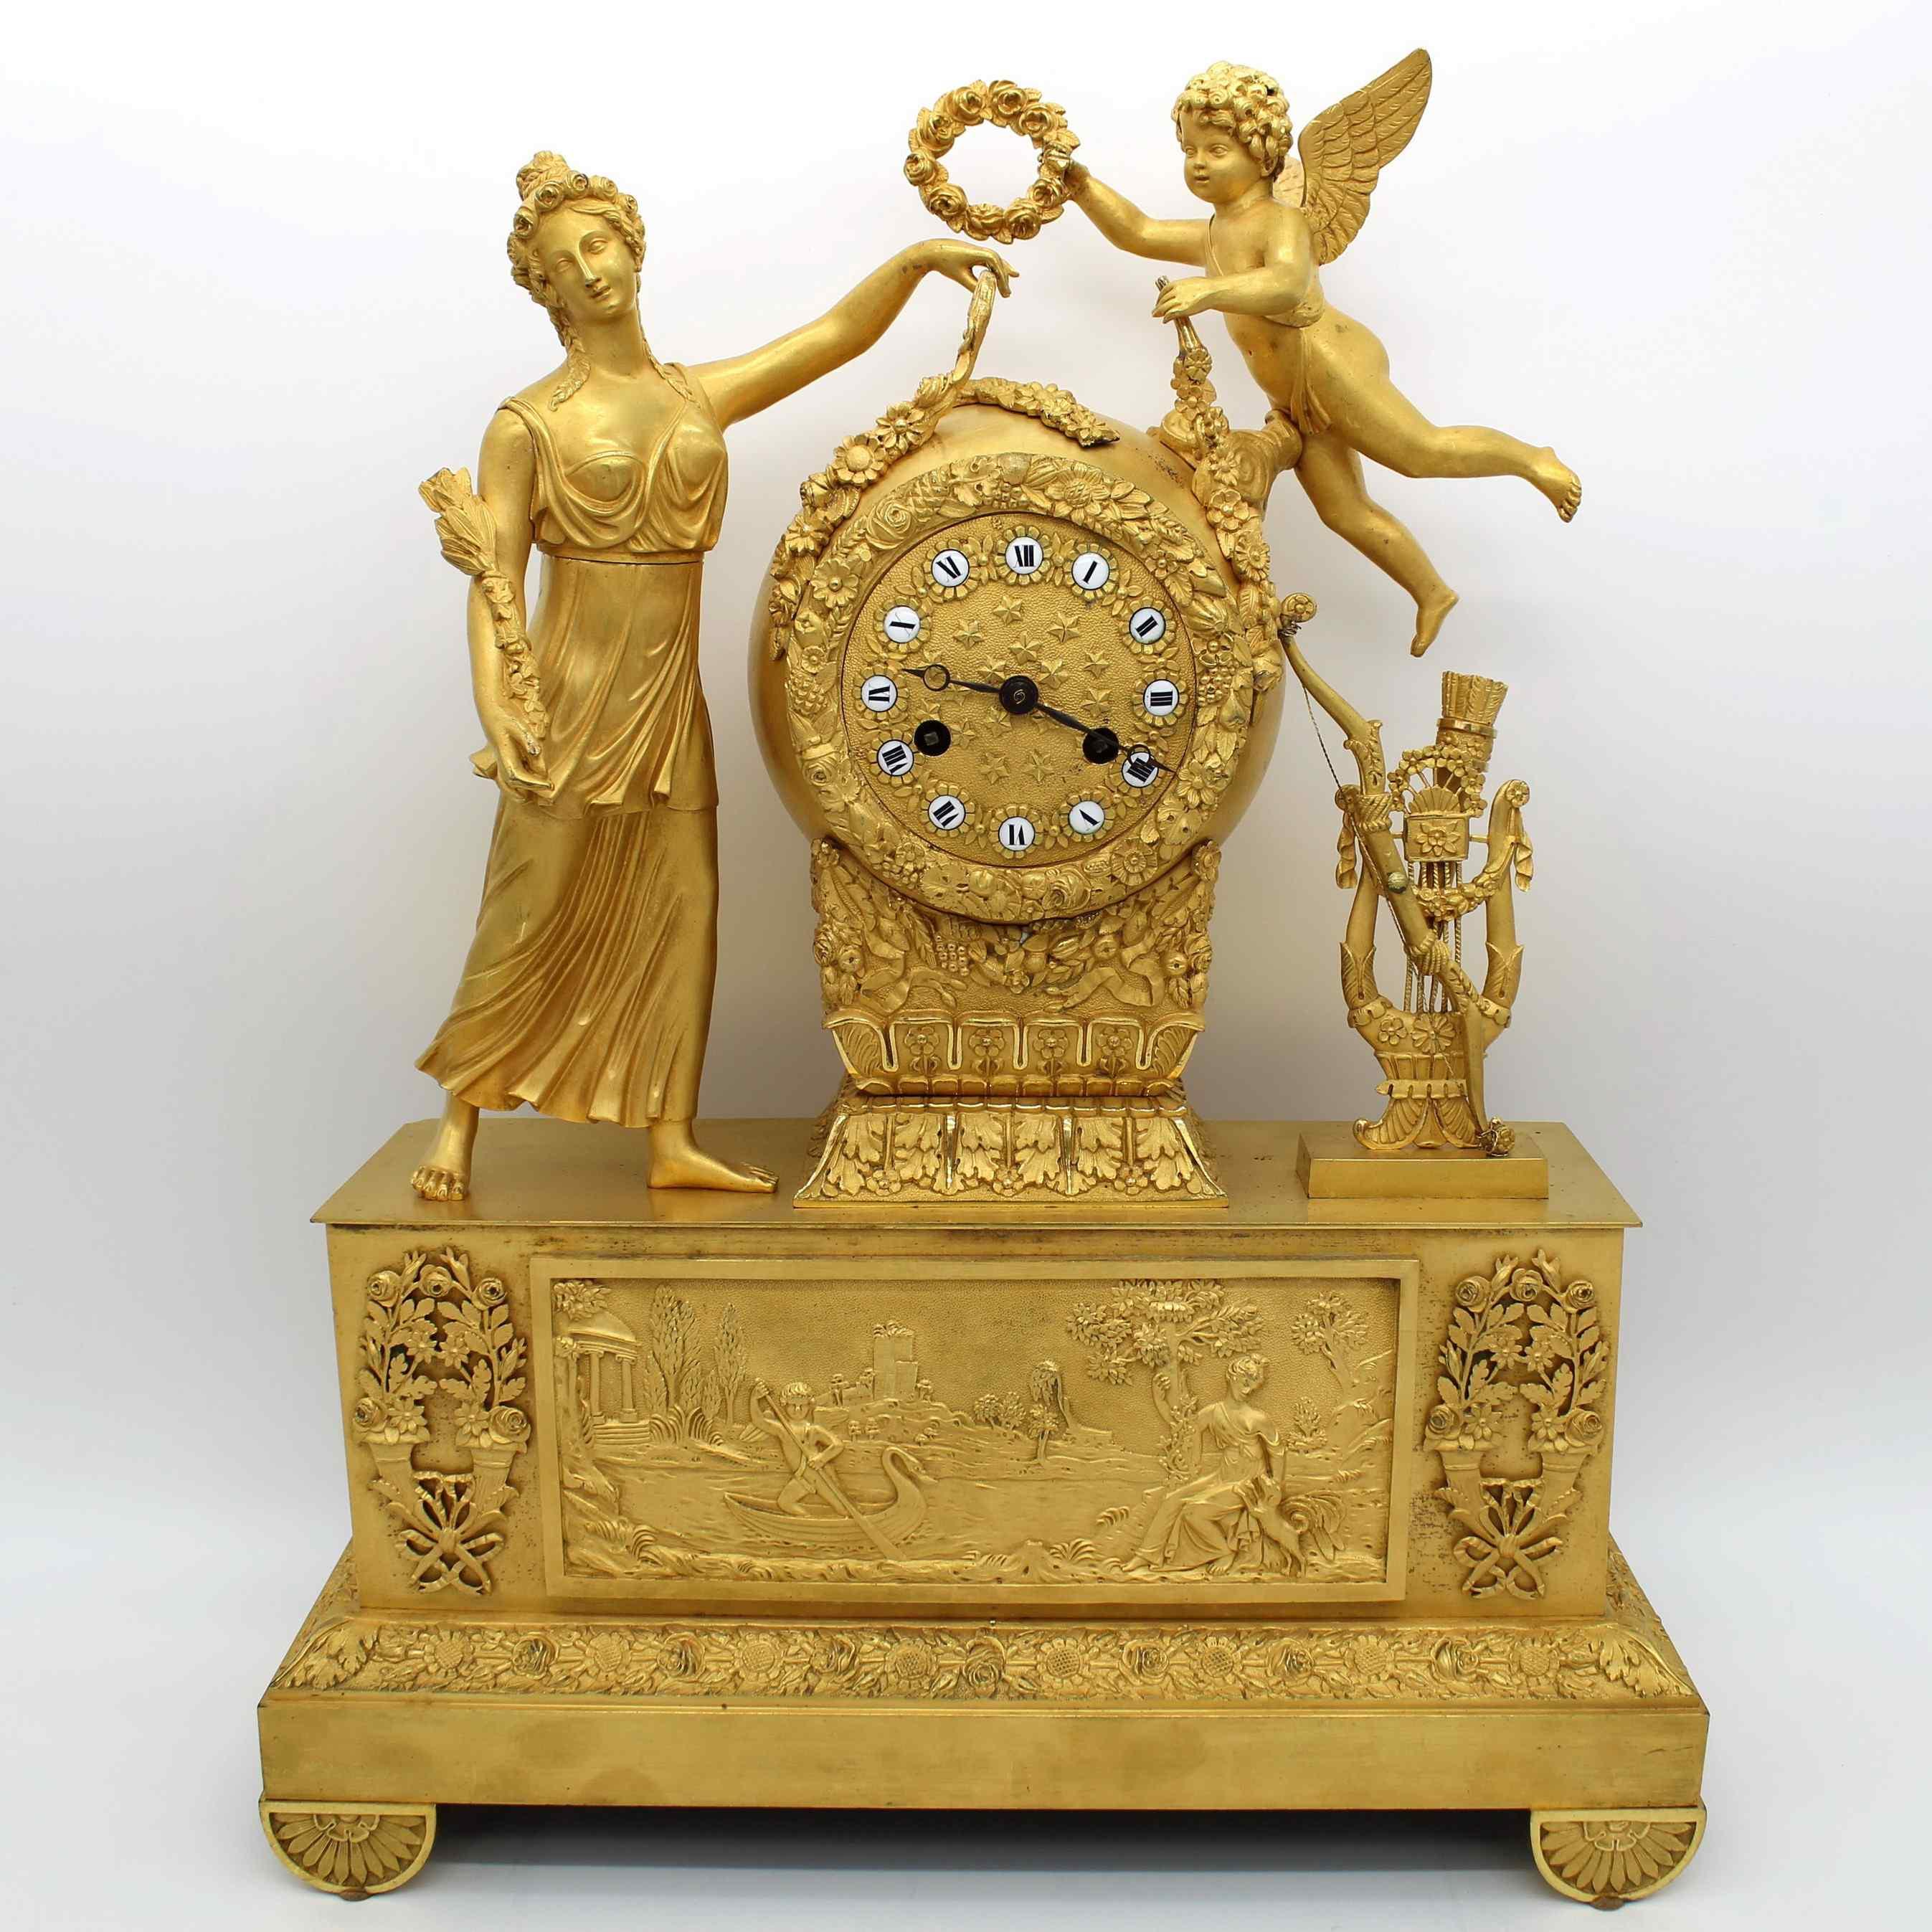 Antico Orologio a Pendolo Impero in bronzo - XIX secolo